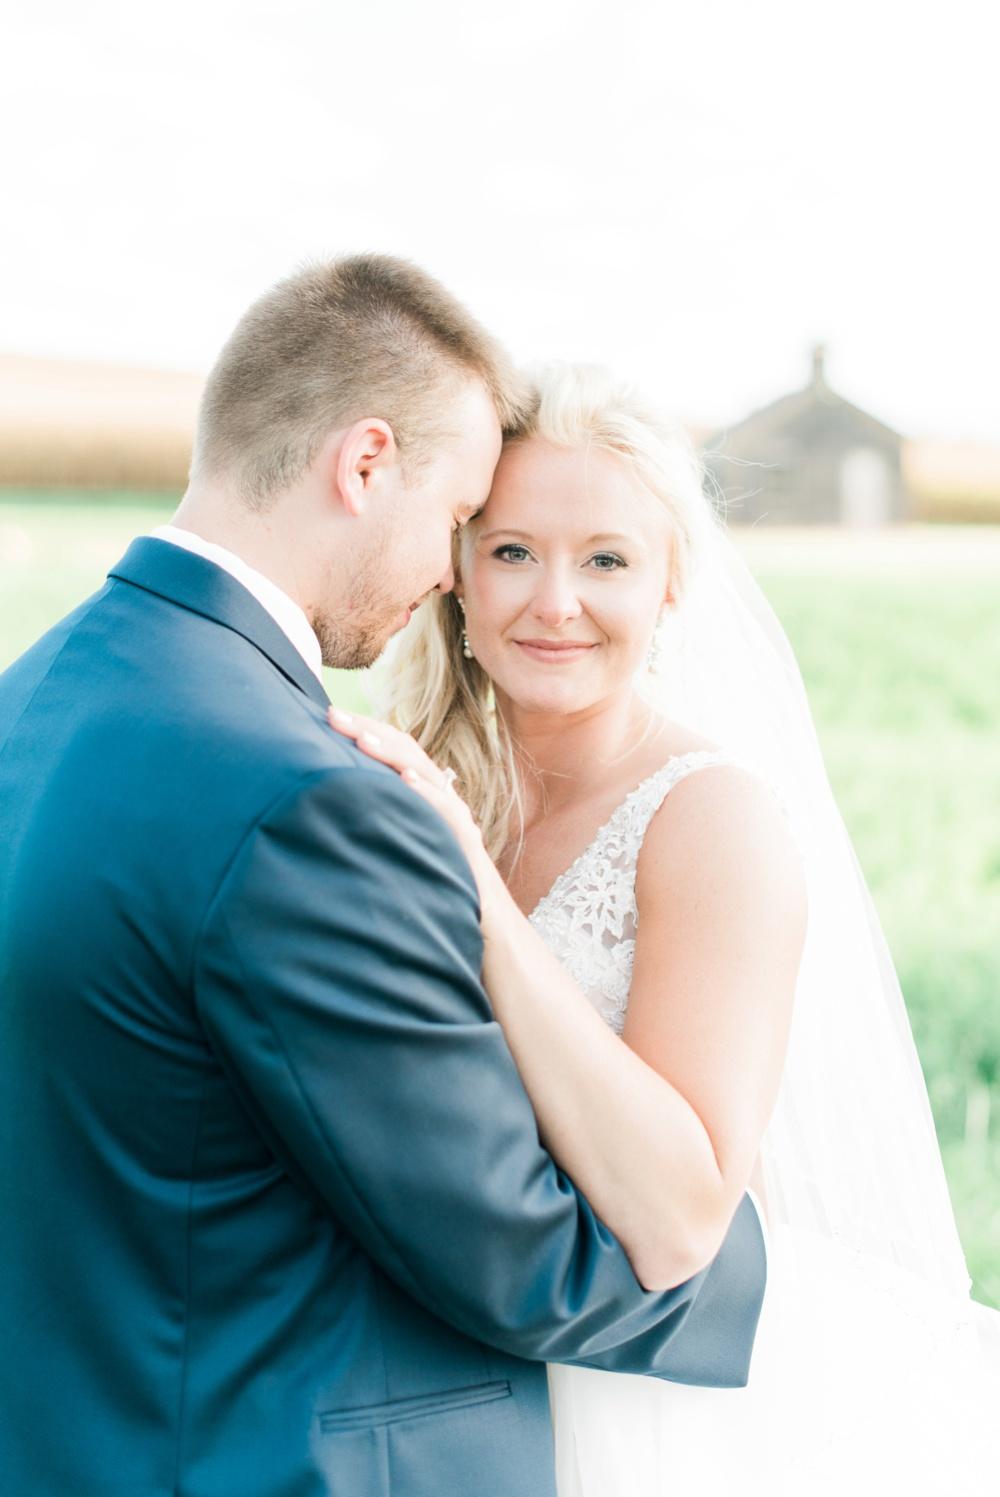 blessings-farmstead-wedding-lancaster-ohio-whitney-colby_0145.jpg